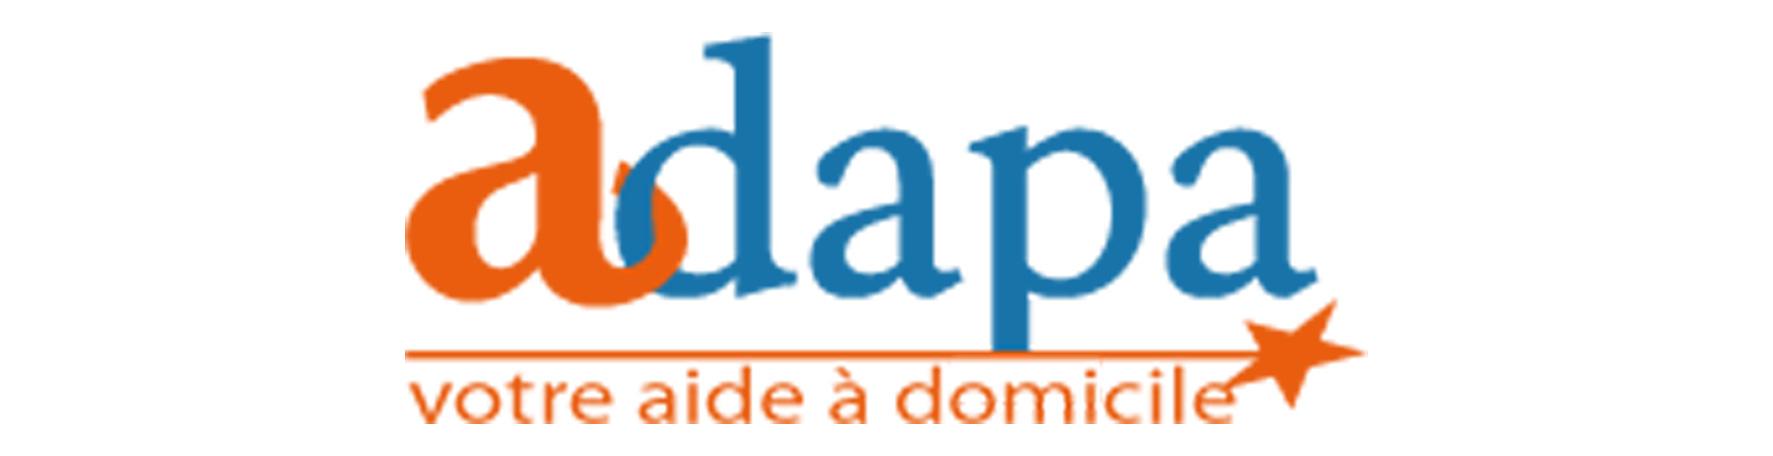 Adapa54 - réseaux sociaux